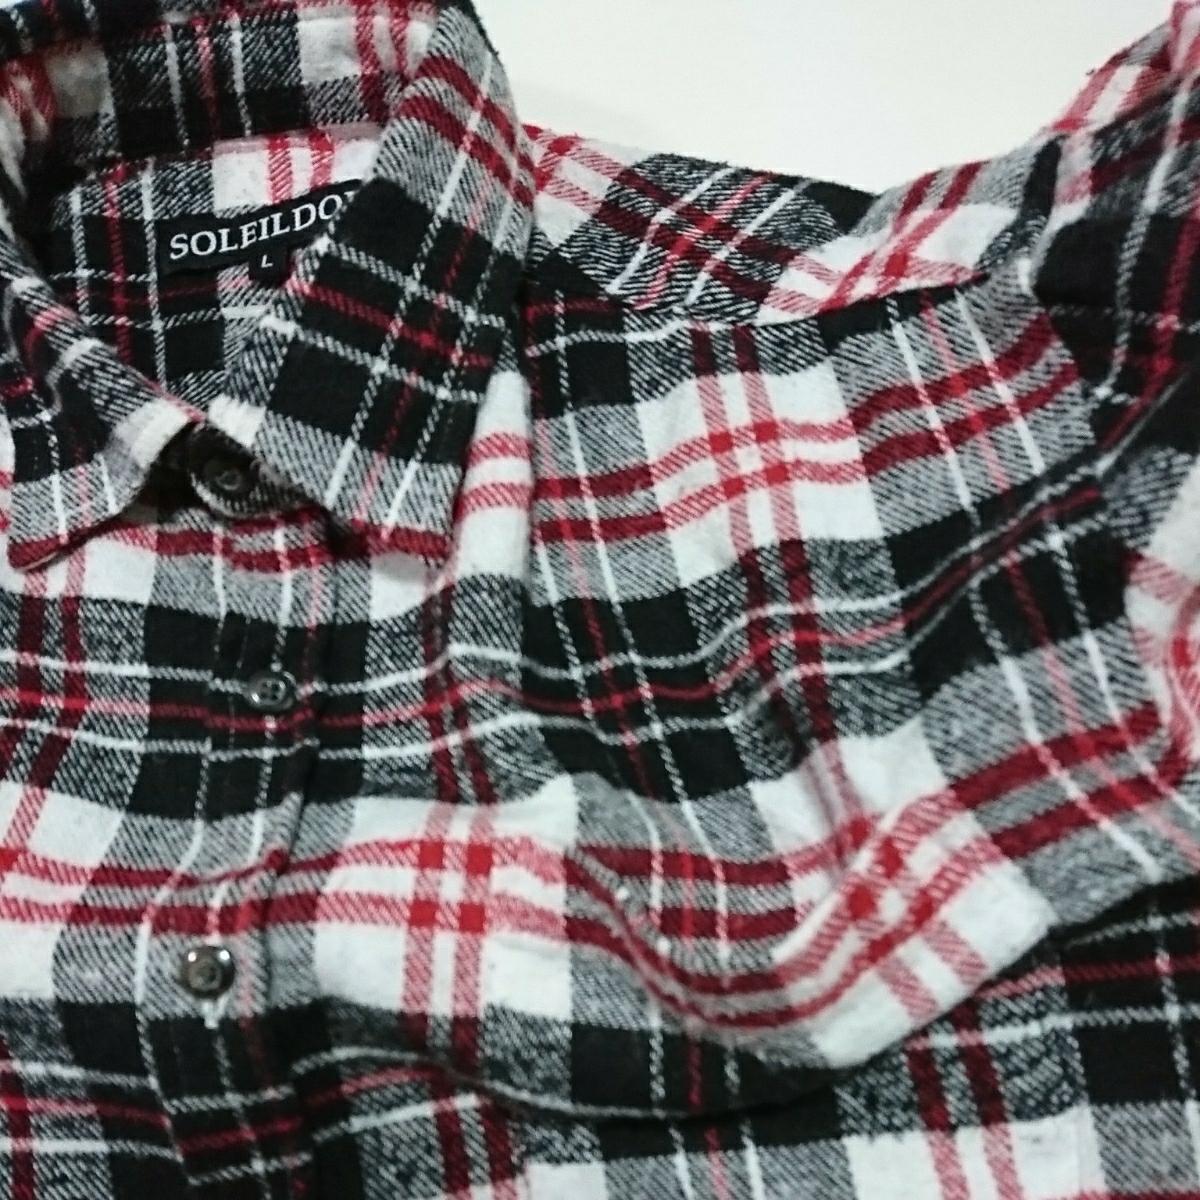 (古着54)SOLEILDOR 黒×白 赤ライン チェック柄 長袖シャツ サイズL